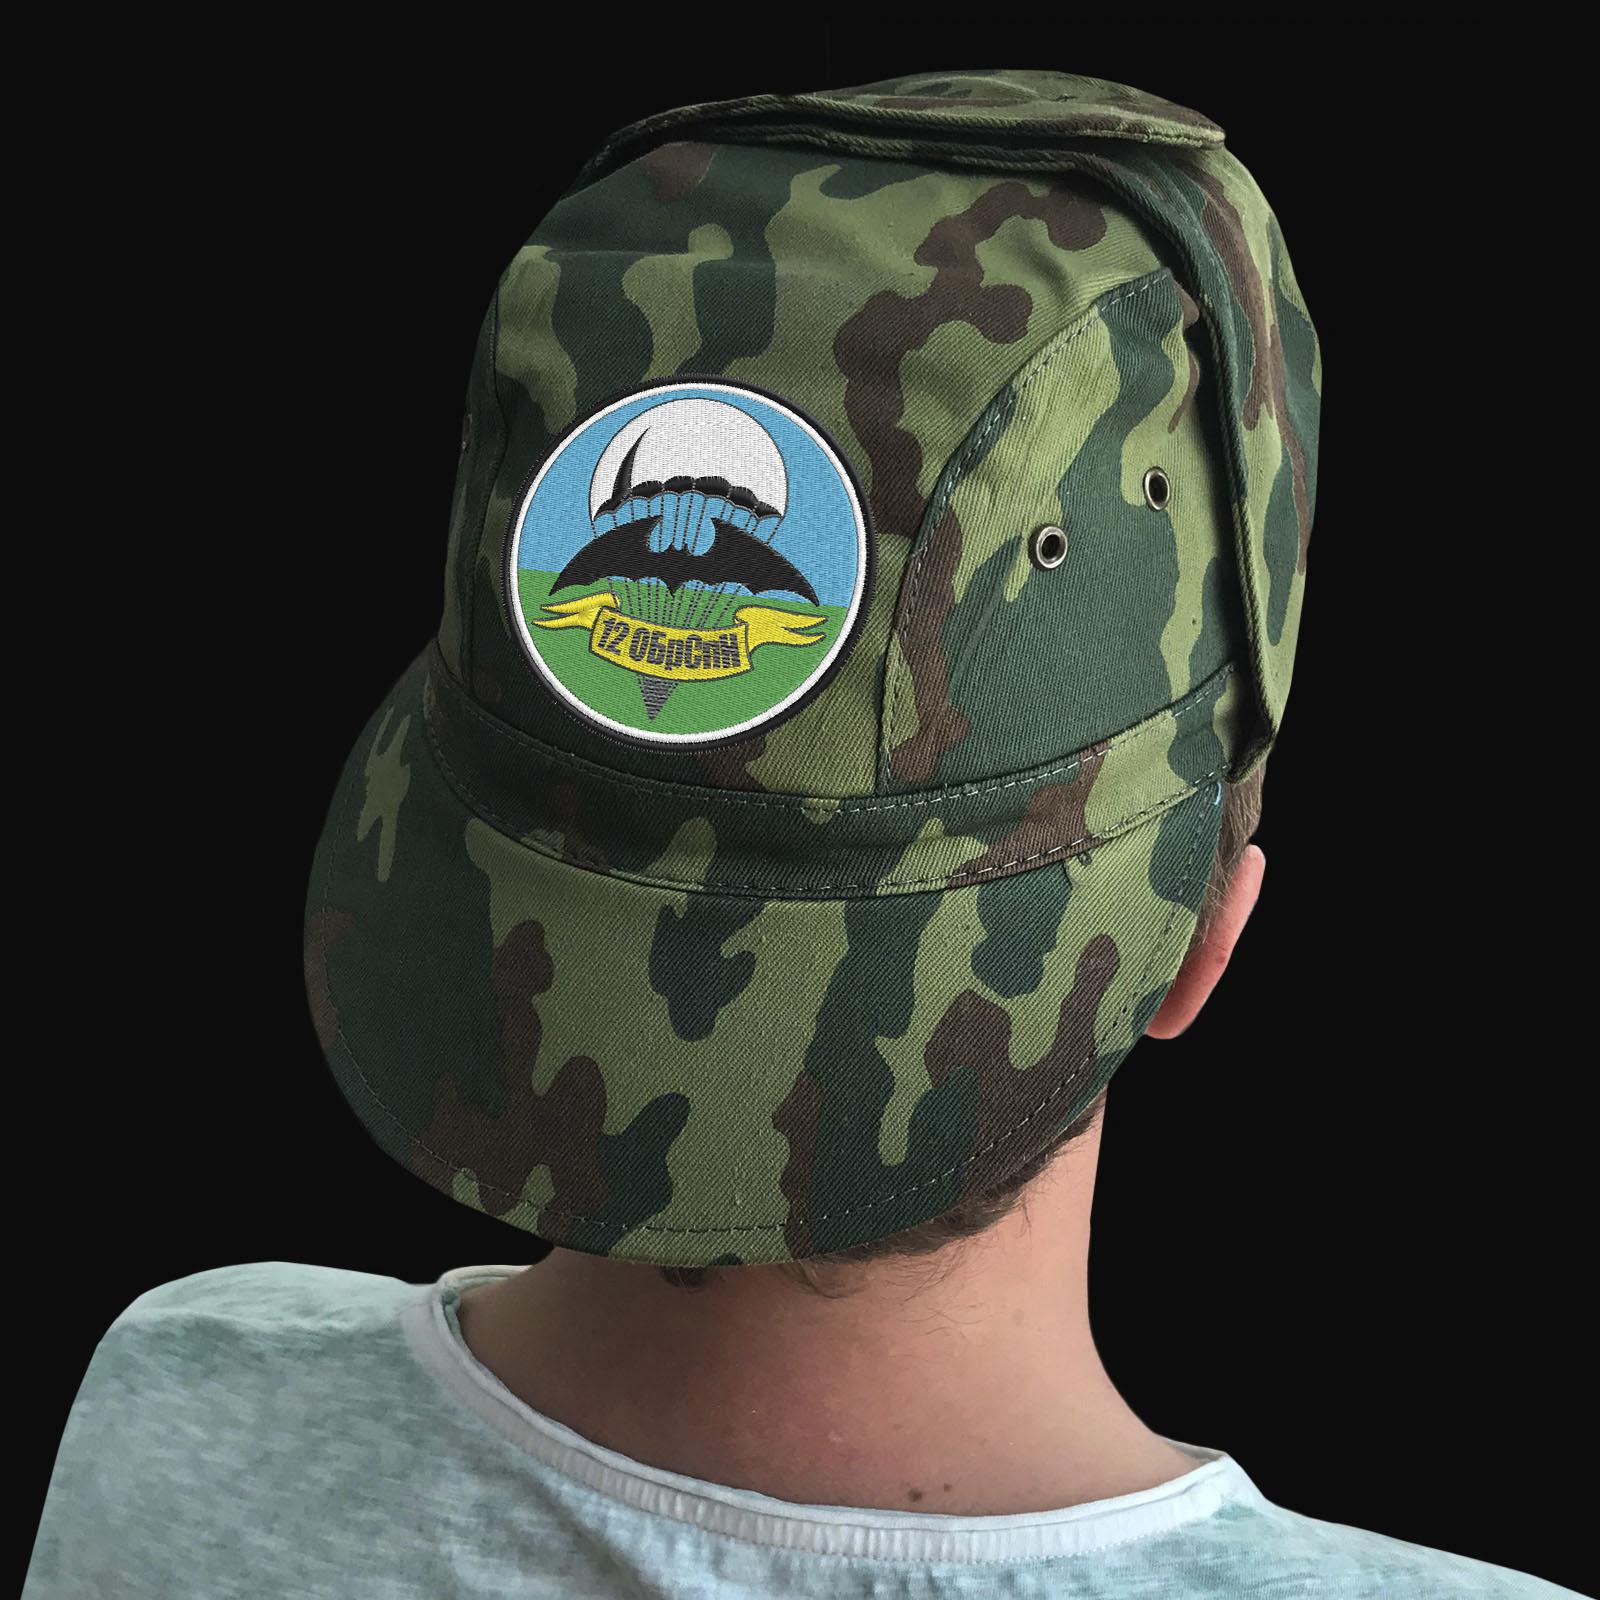 Армейская камуфляжная кепка с символикой 12-ой отдельной бригады специального назначения